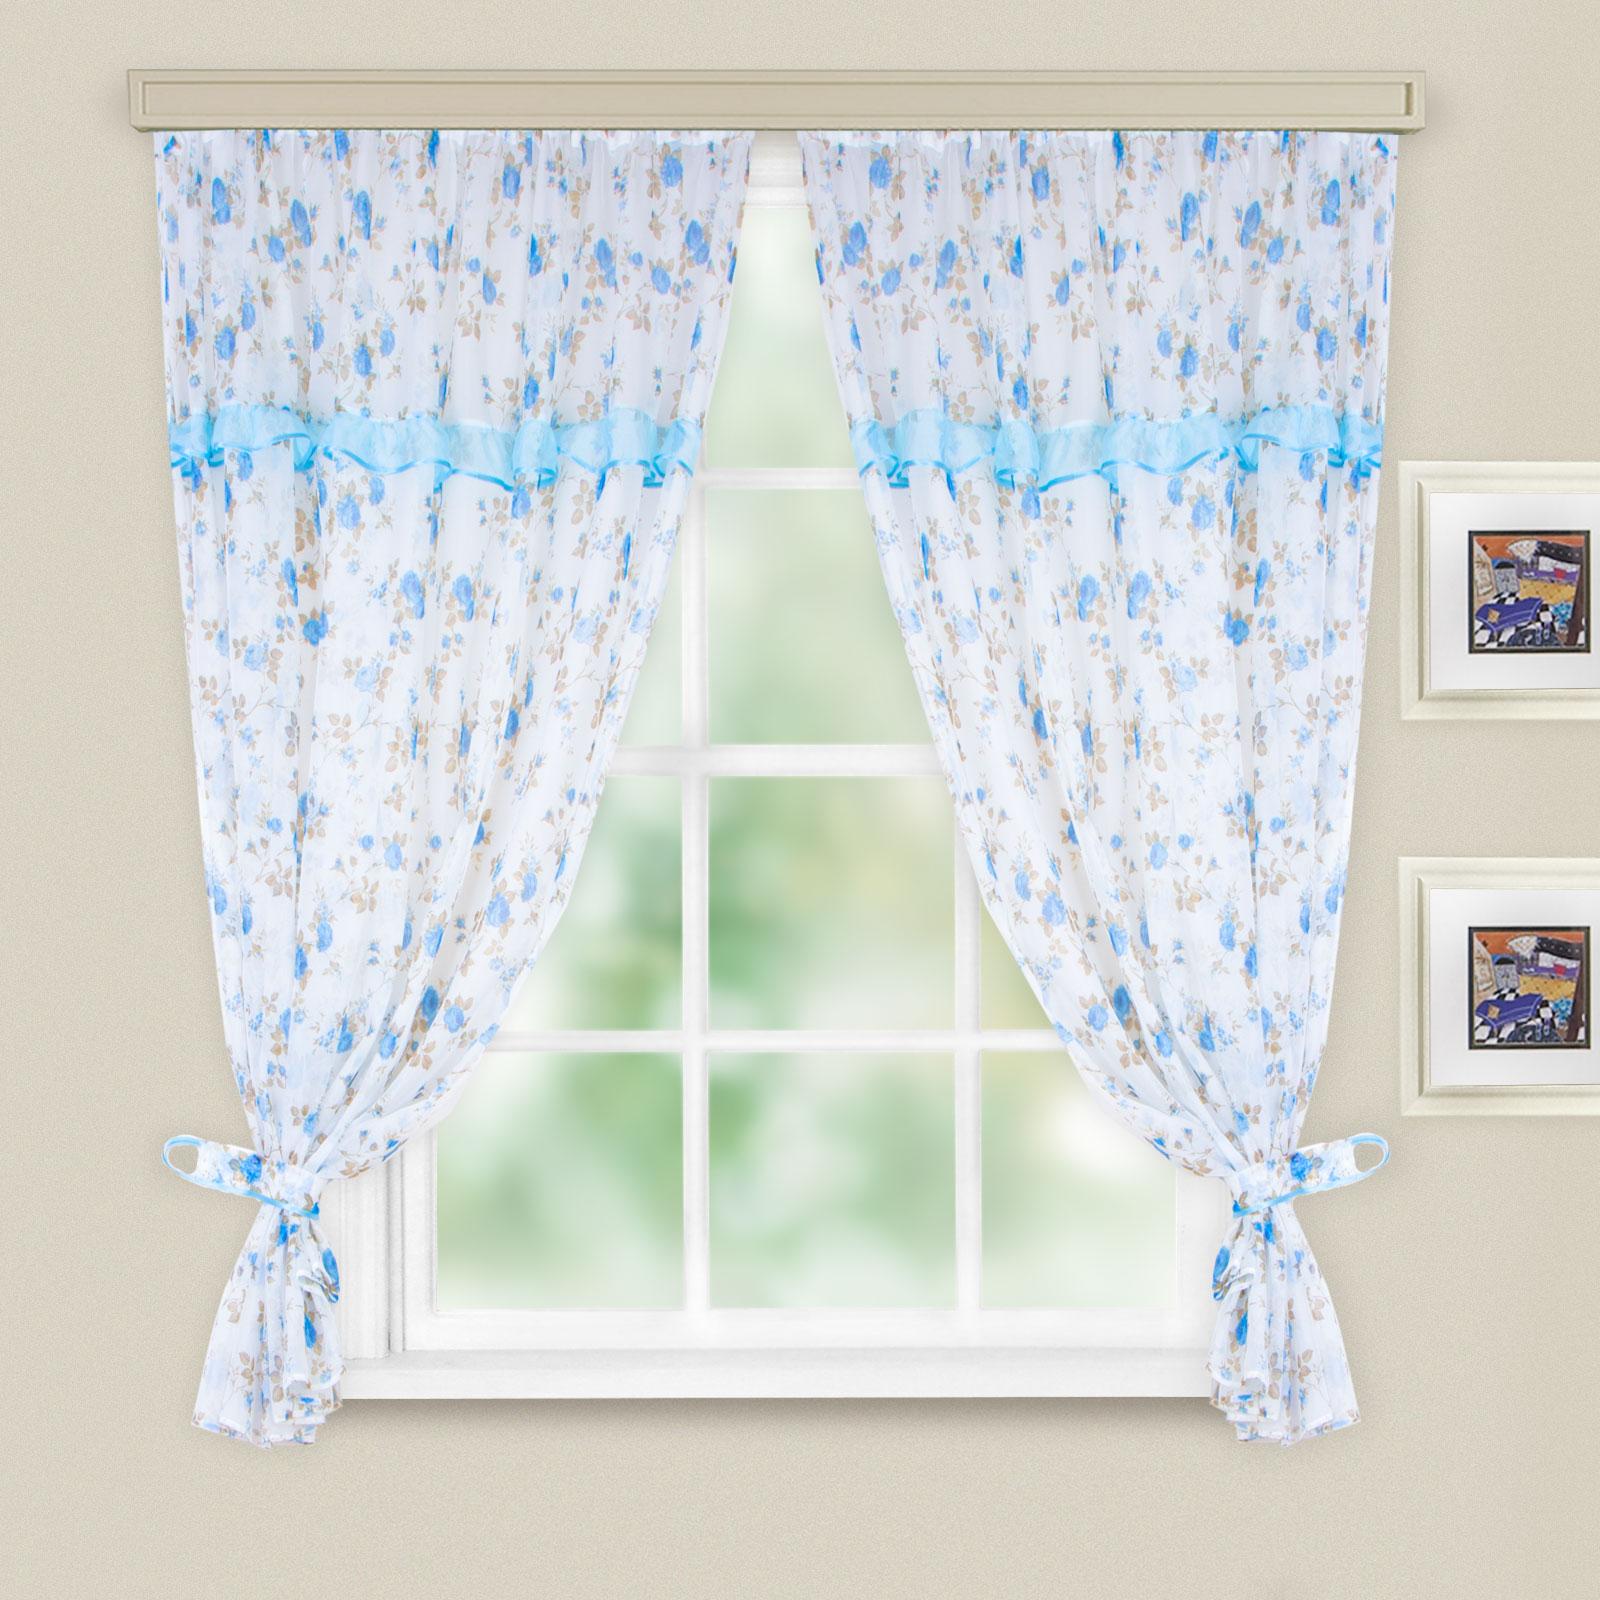 Комплект штор для кухни Witerra Цветы, цвет: голубой, на ленте, 280 х 160 см обои для кухни фото